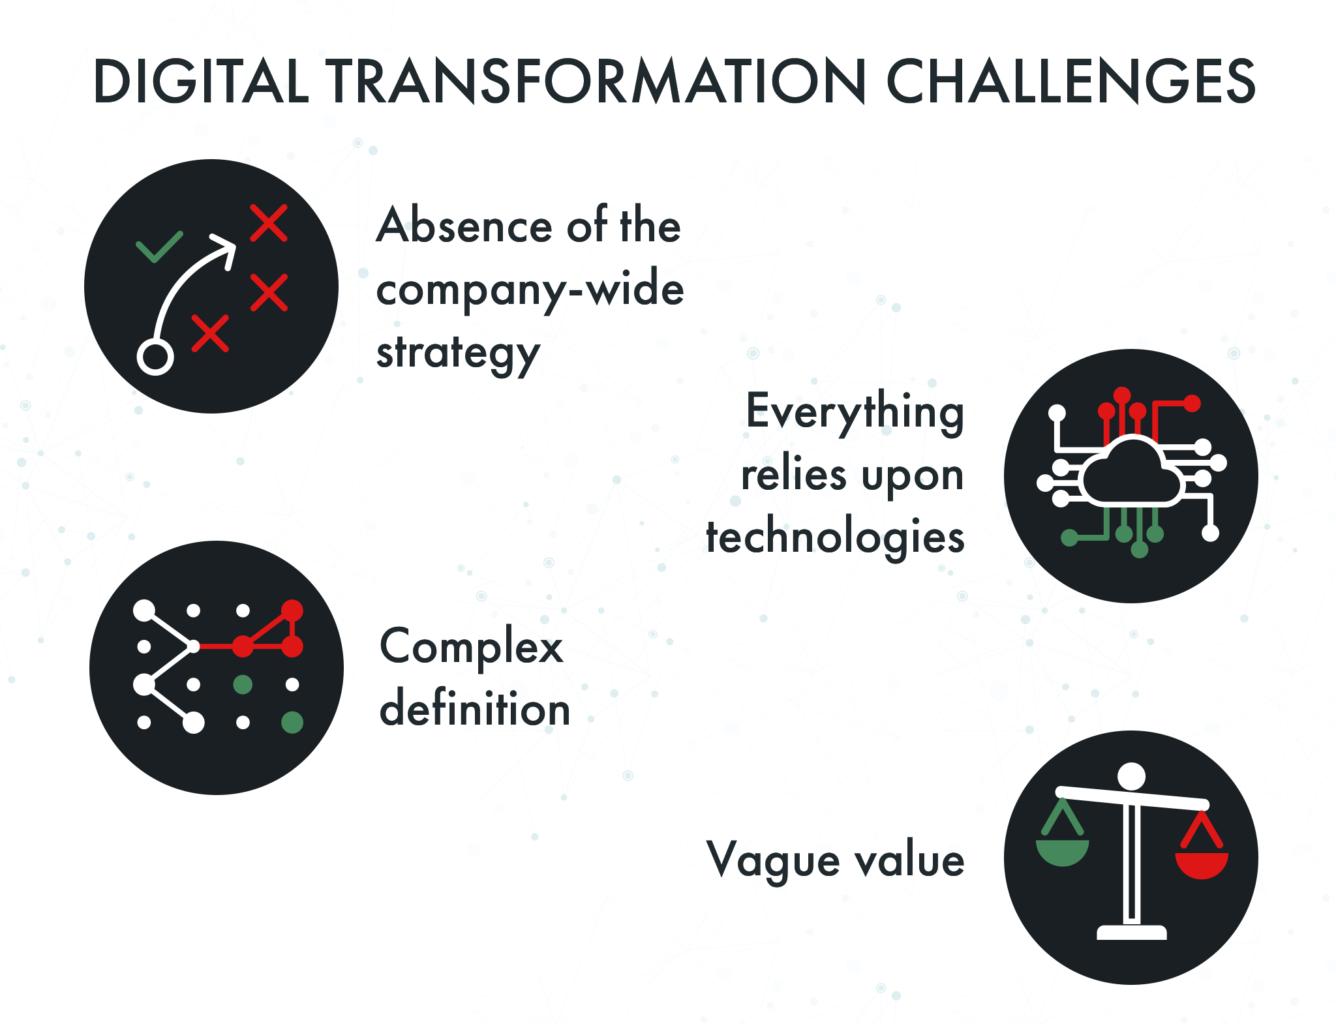 digitization challenges